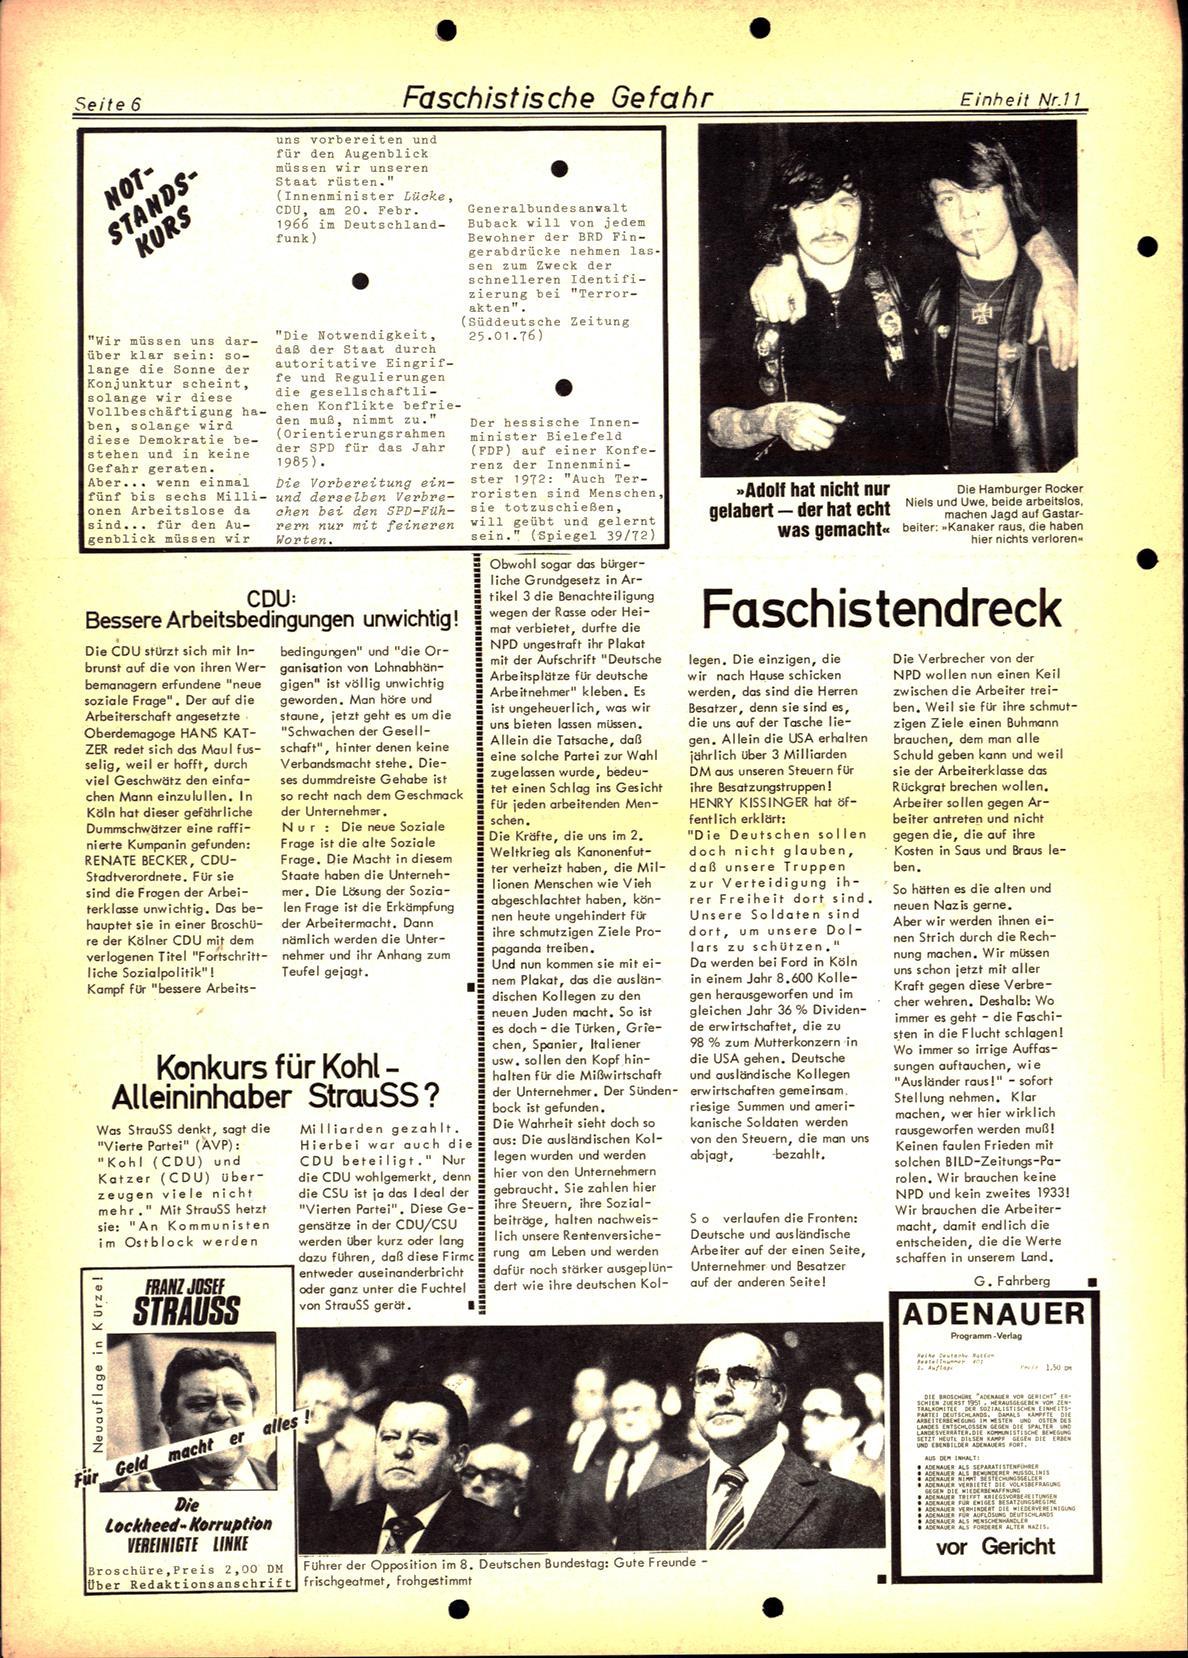 Koeln_IPdA_Einheit_1977_011_006